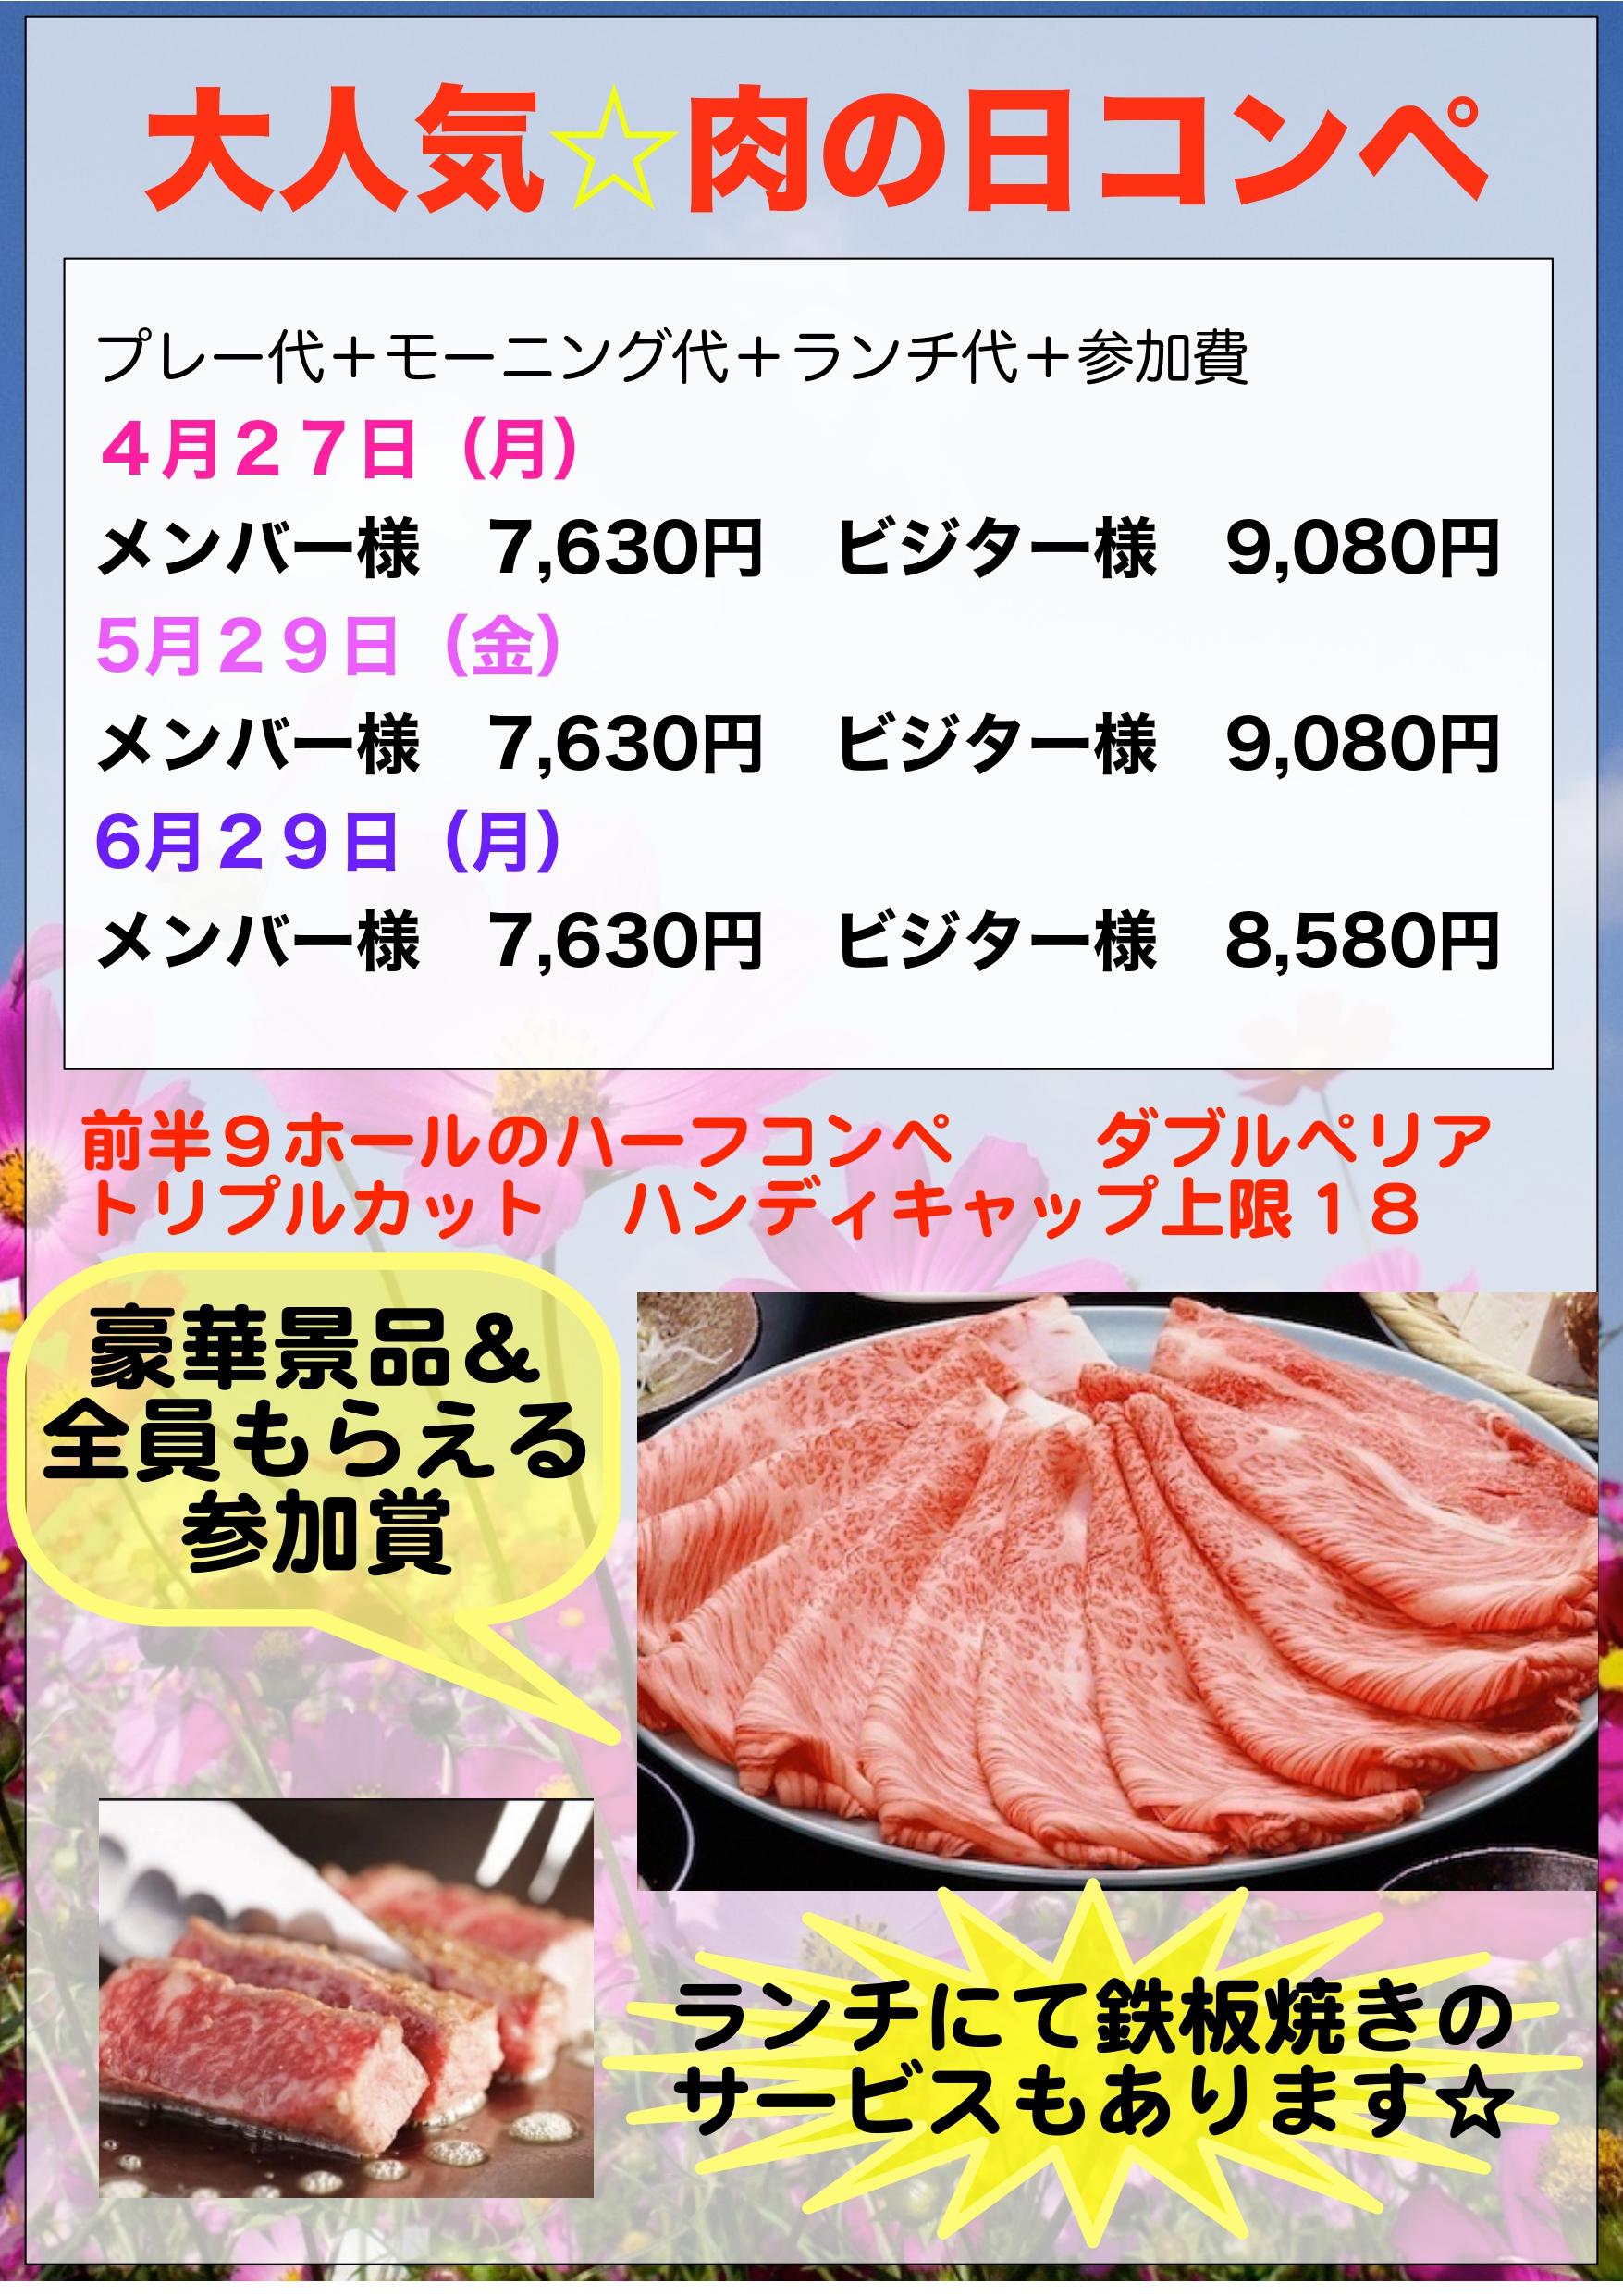 毎月恒例☆肉の日コンペのご案内